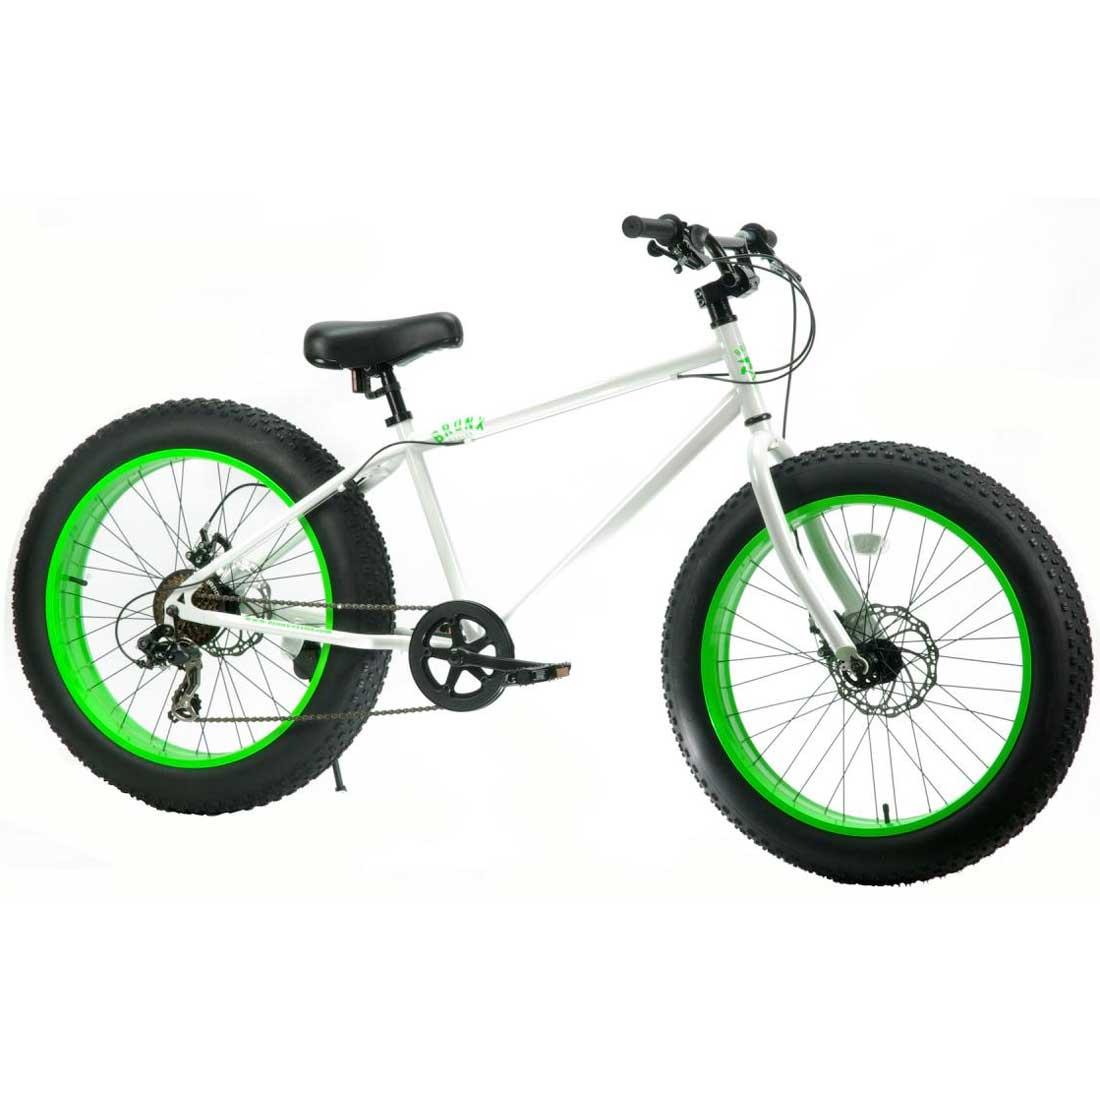 ファットバイク 24インチ 極太タイヤ 変速付 おしゃれ 自転車 通勤 通学 ブロンクスファットバイク 24BRONX-DD グロスホワイト×ライムリム メンズ レディース